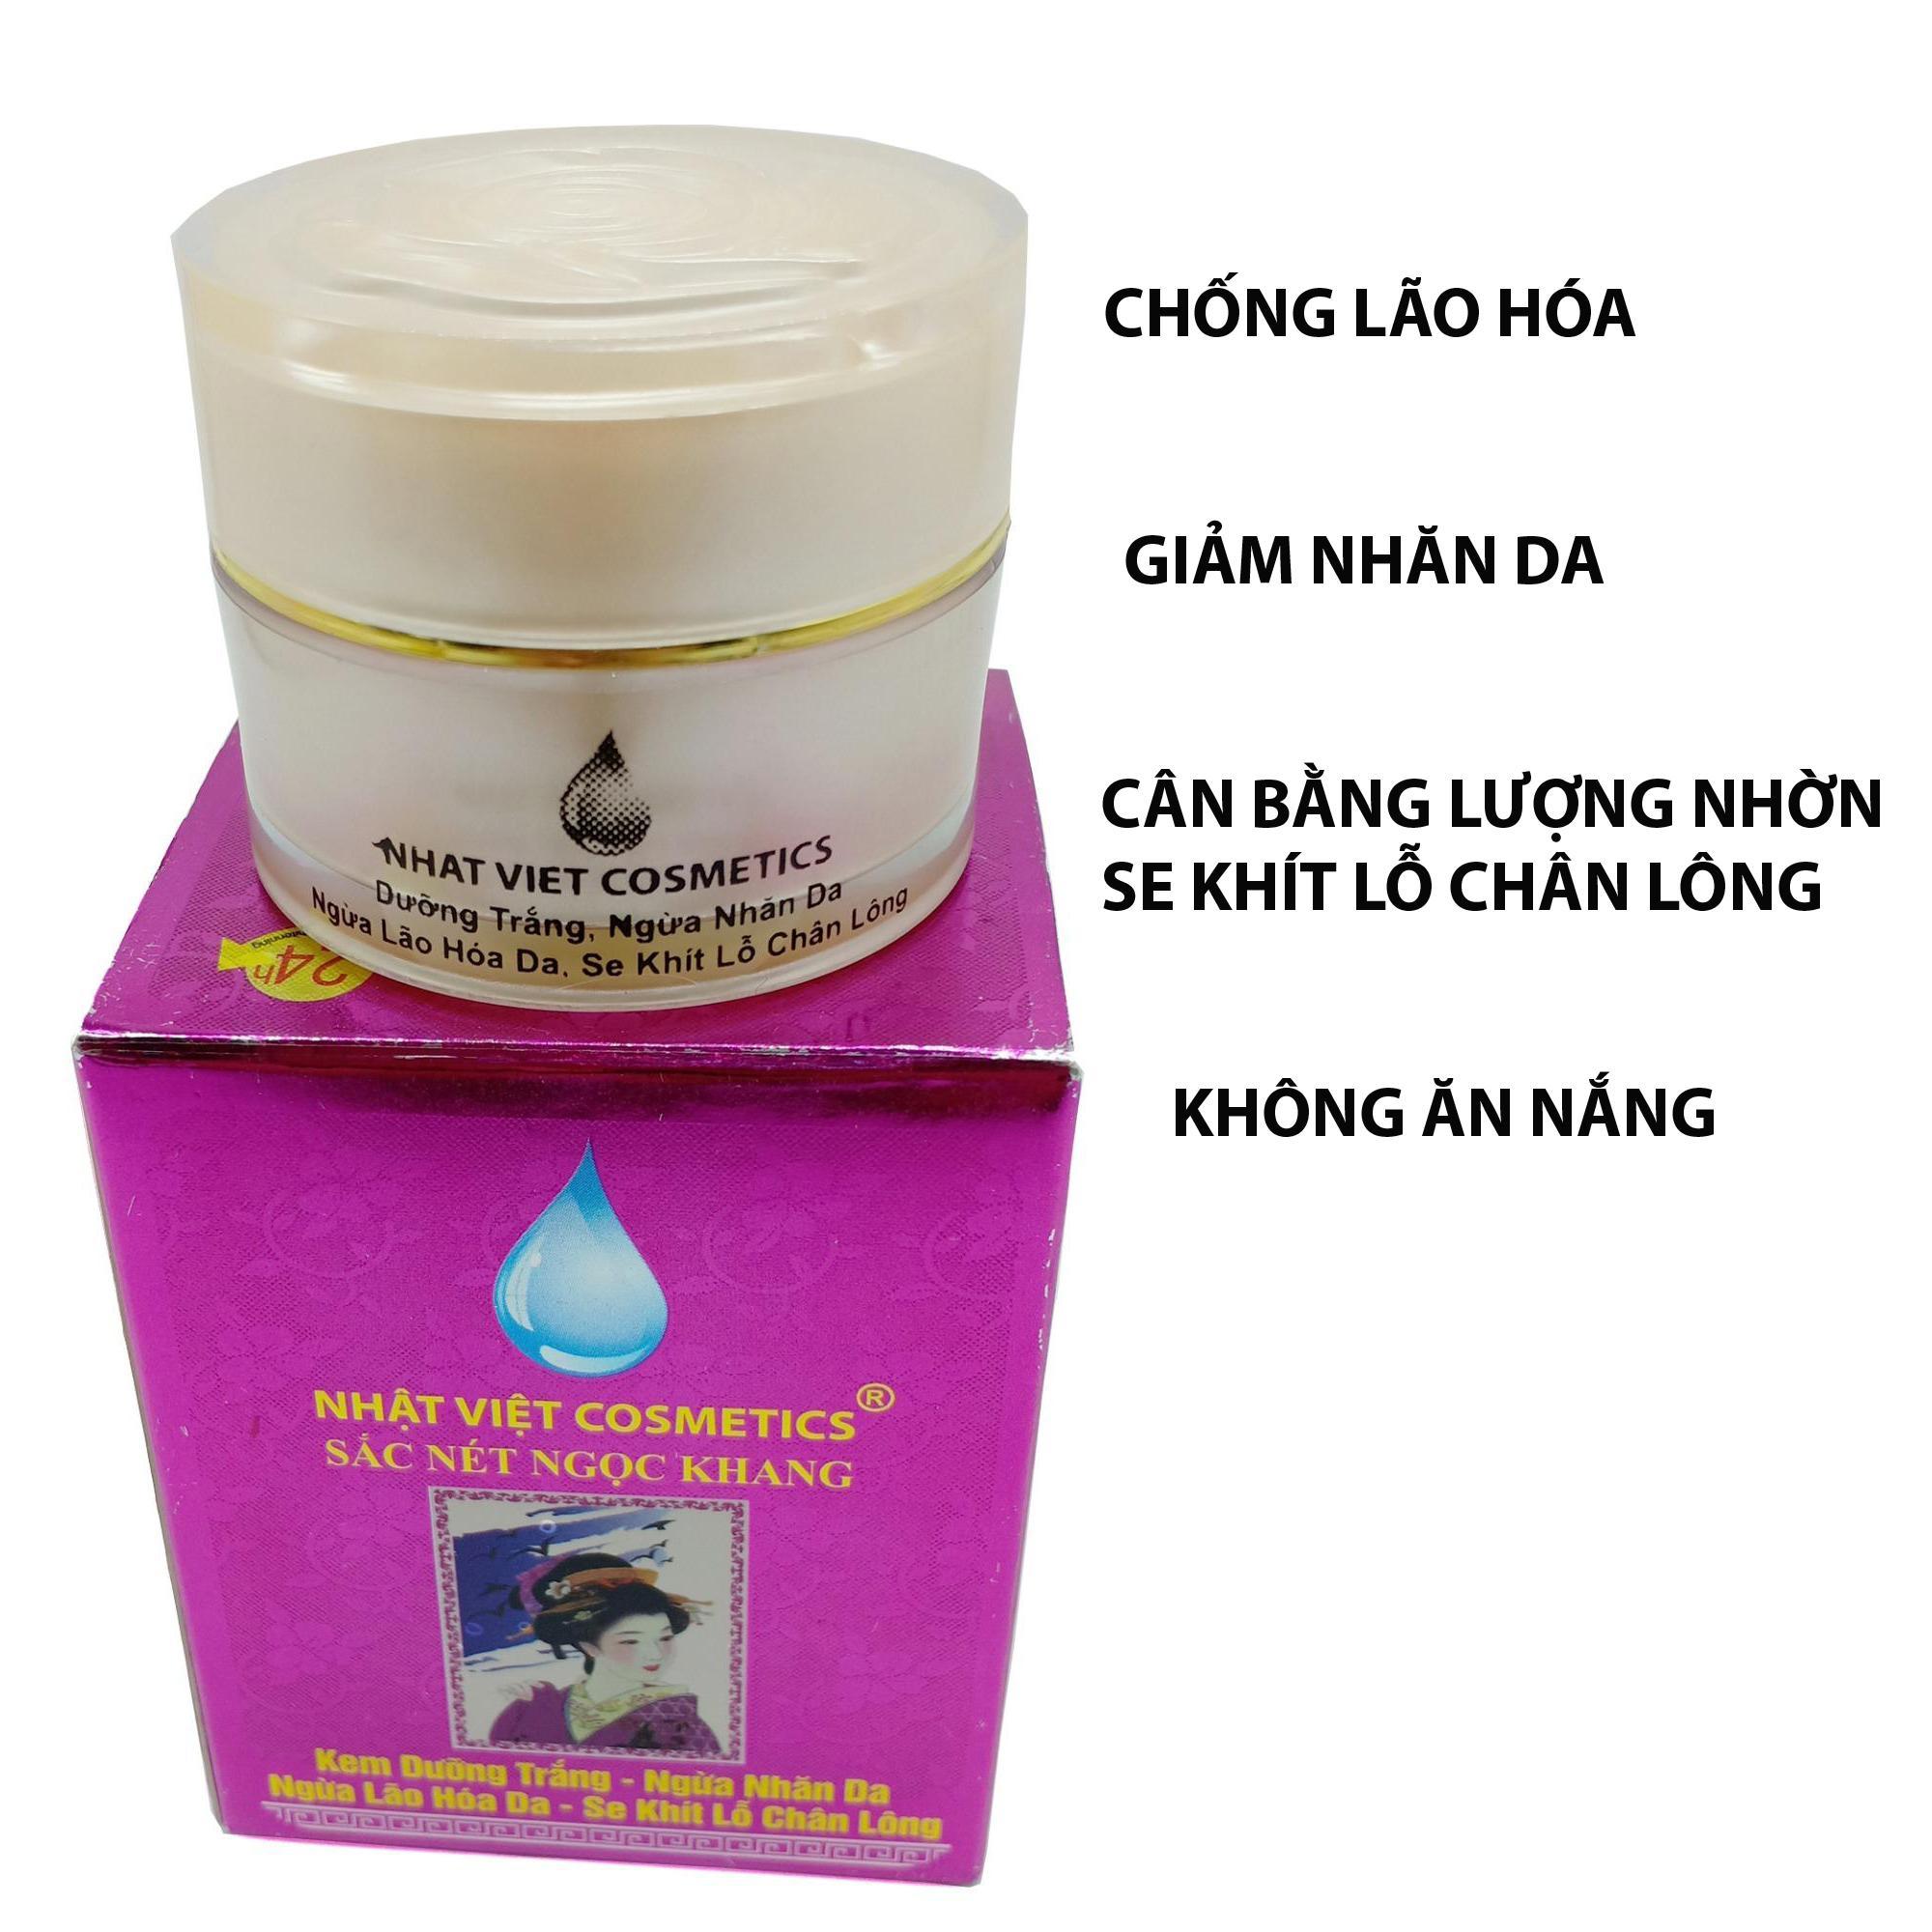 Kem siêu trắng - Ngừa nhăn - Lão hóa - Se khít lỗ chân lông Sắc Nét Ngọc Khang 10g (Tím)